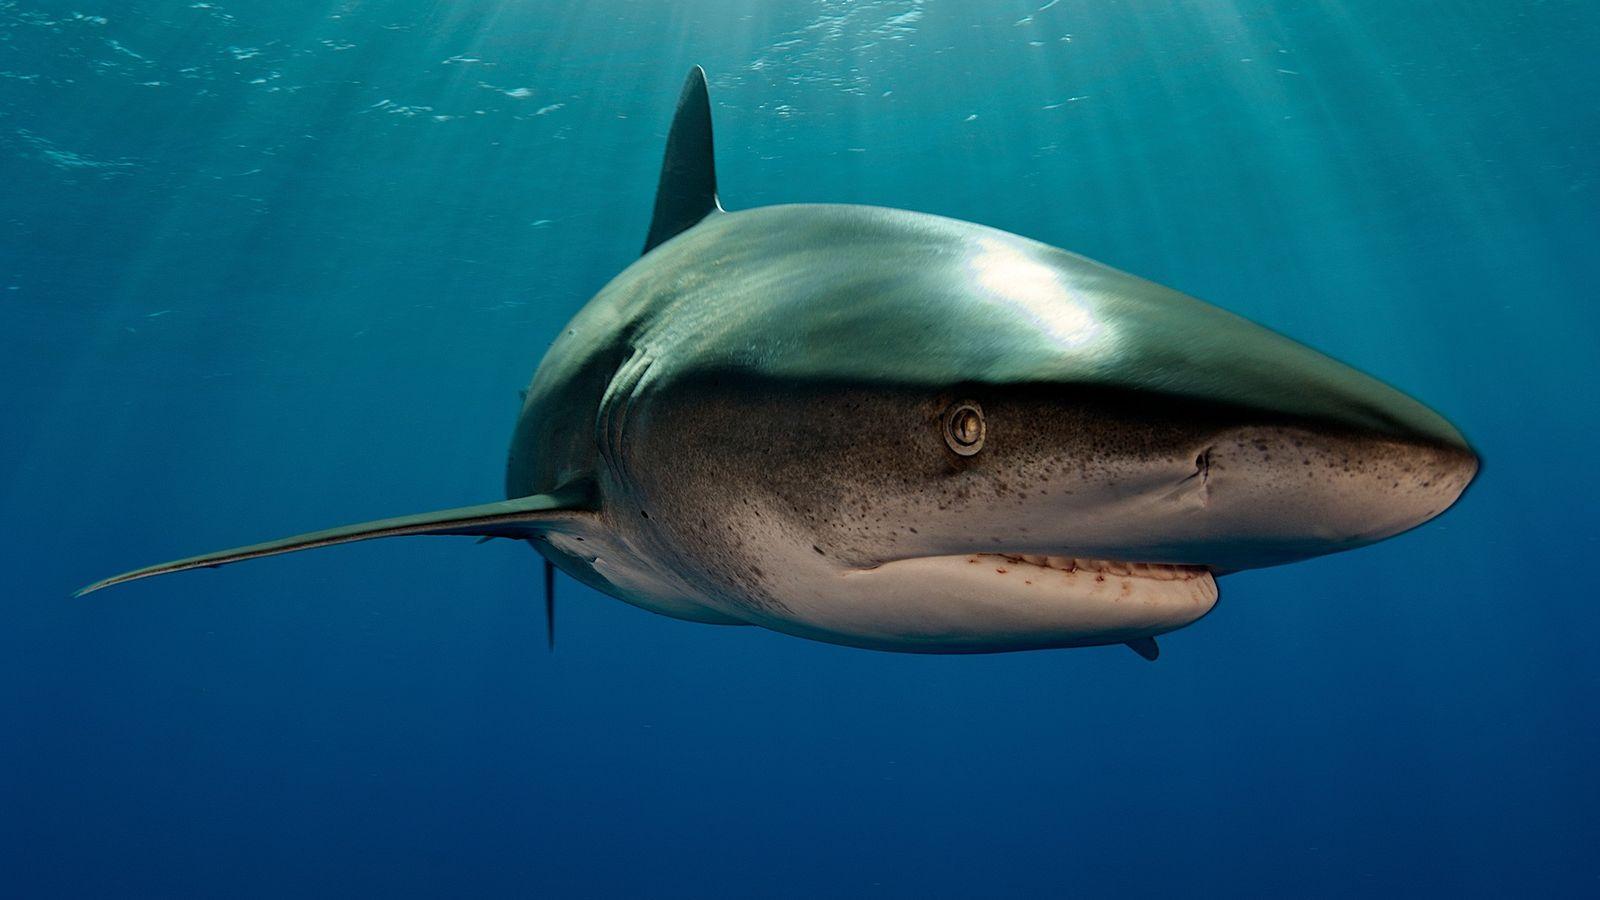 Tubarão-galha-branca-oceânico (não é o animal envolvido no confronto) nada nas Bahamas. Os tubarões-galha-branca-oceânicos geralmente caçam na ...